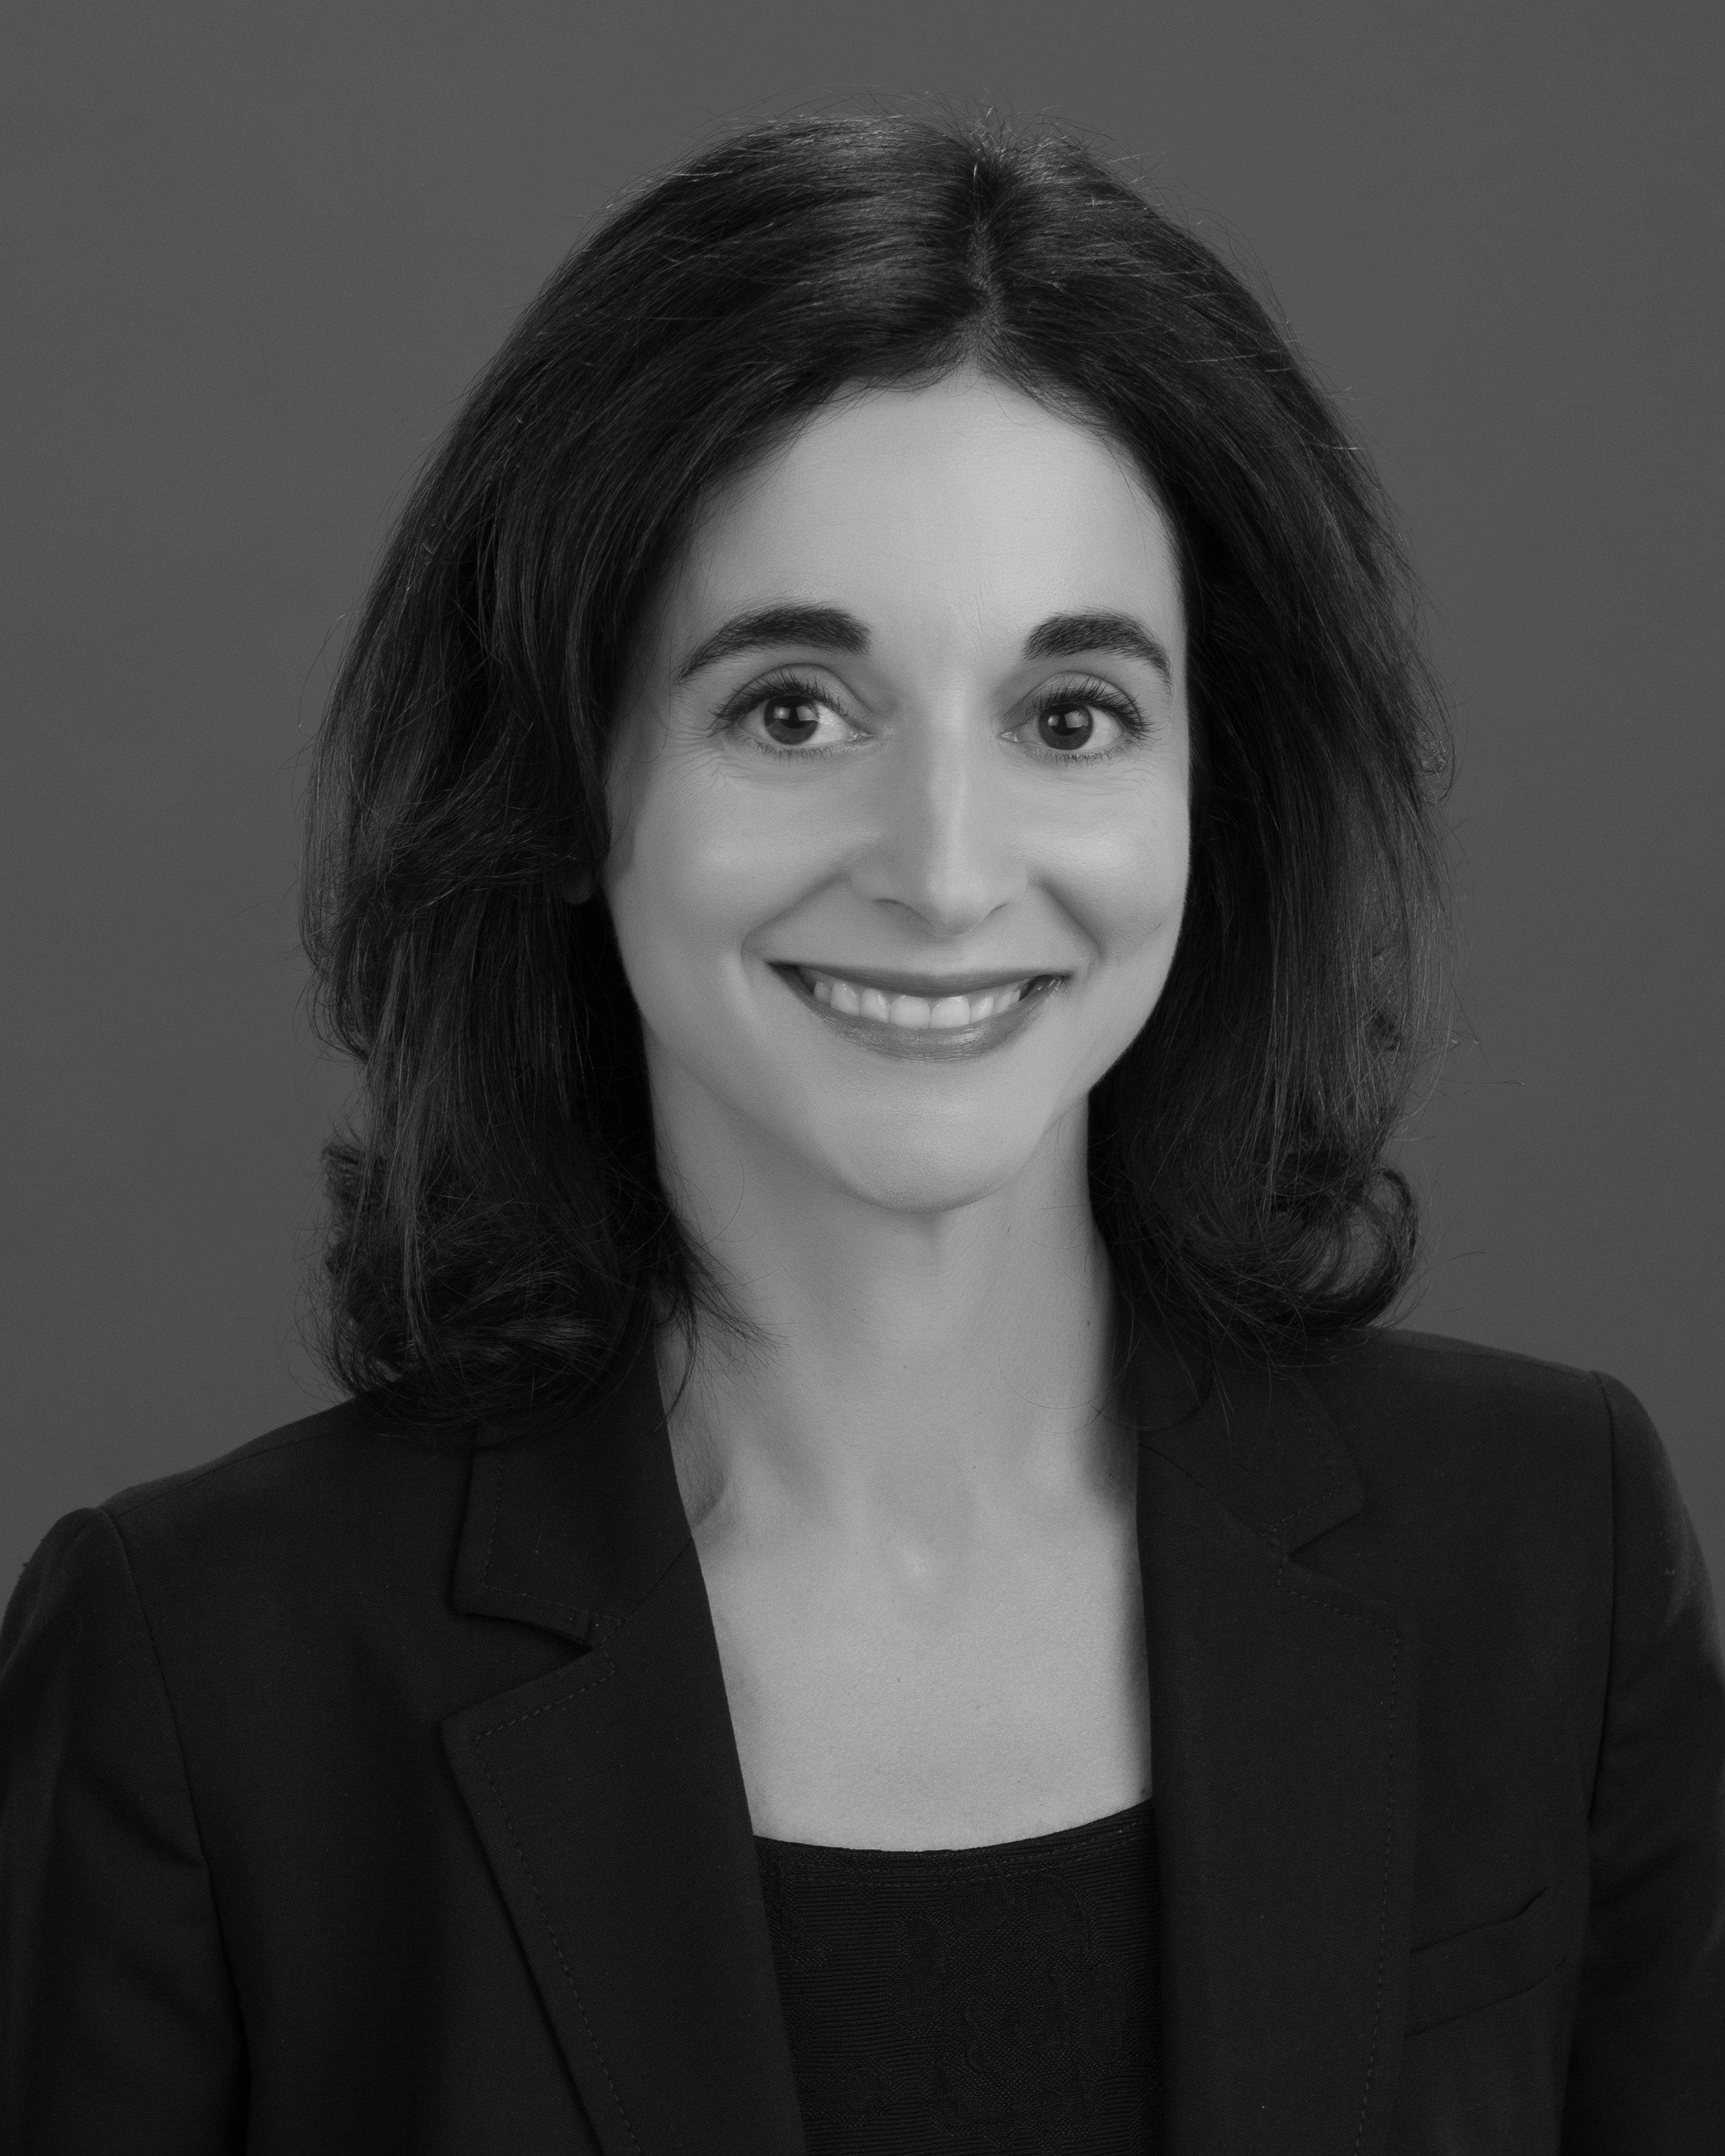 Rachel Ekery